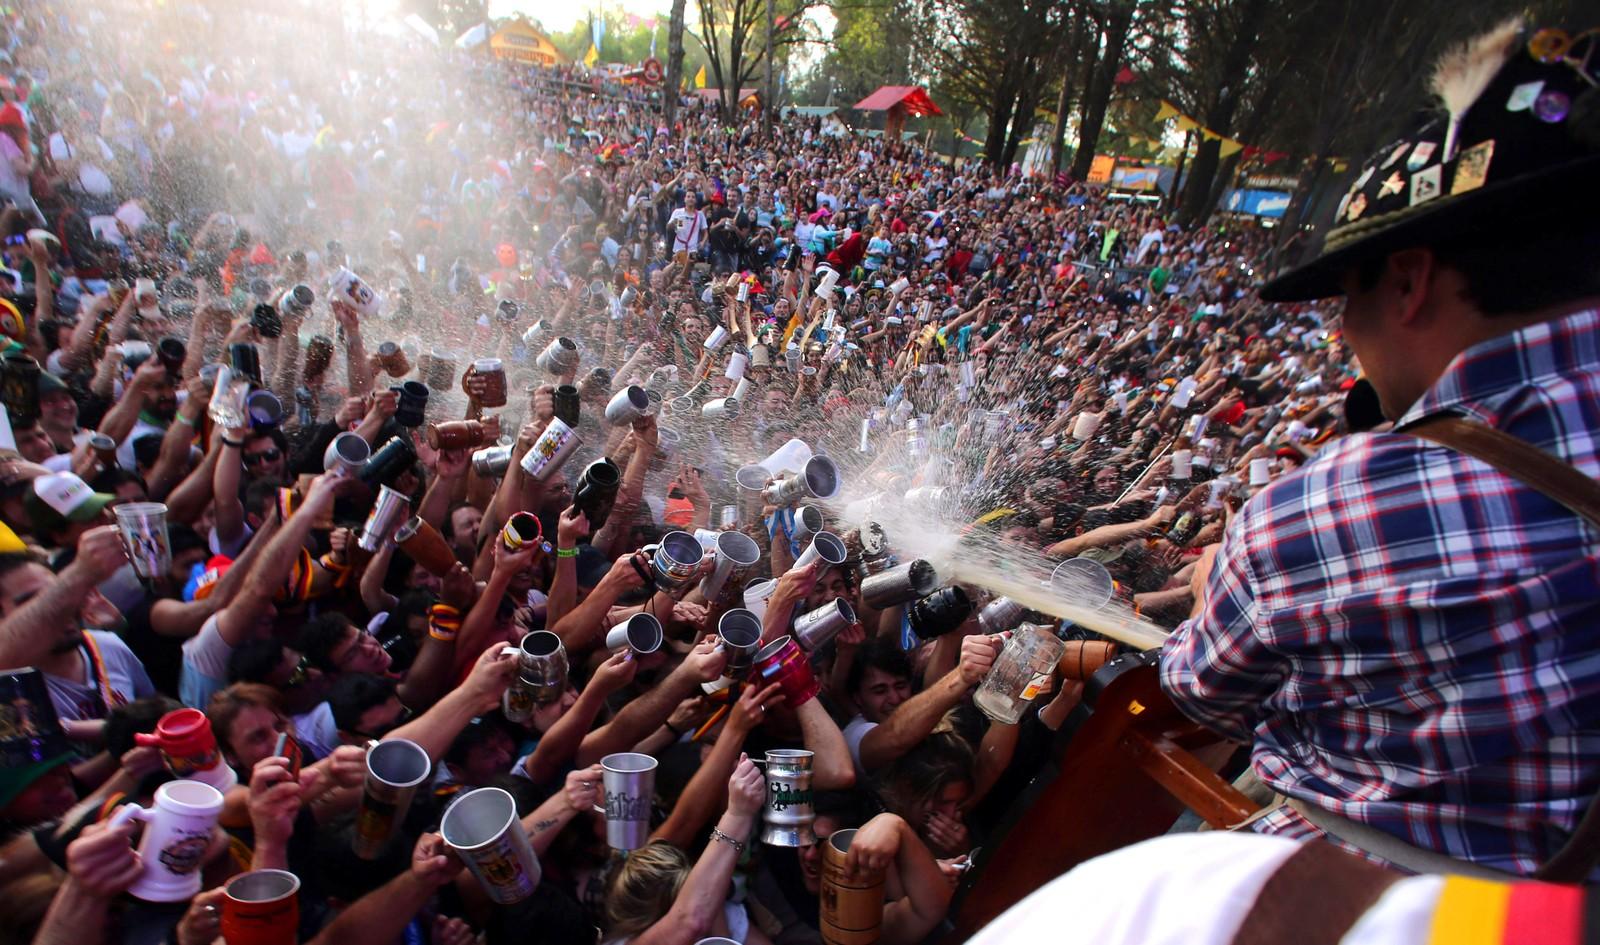 Det er jo gratis! Gjester på Argentinas Oktoberfest forsøker å fylle muggene med øl. Bildet er tatt i Villa General Belgrano.